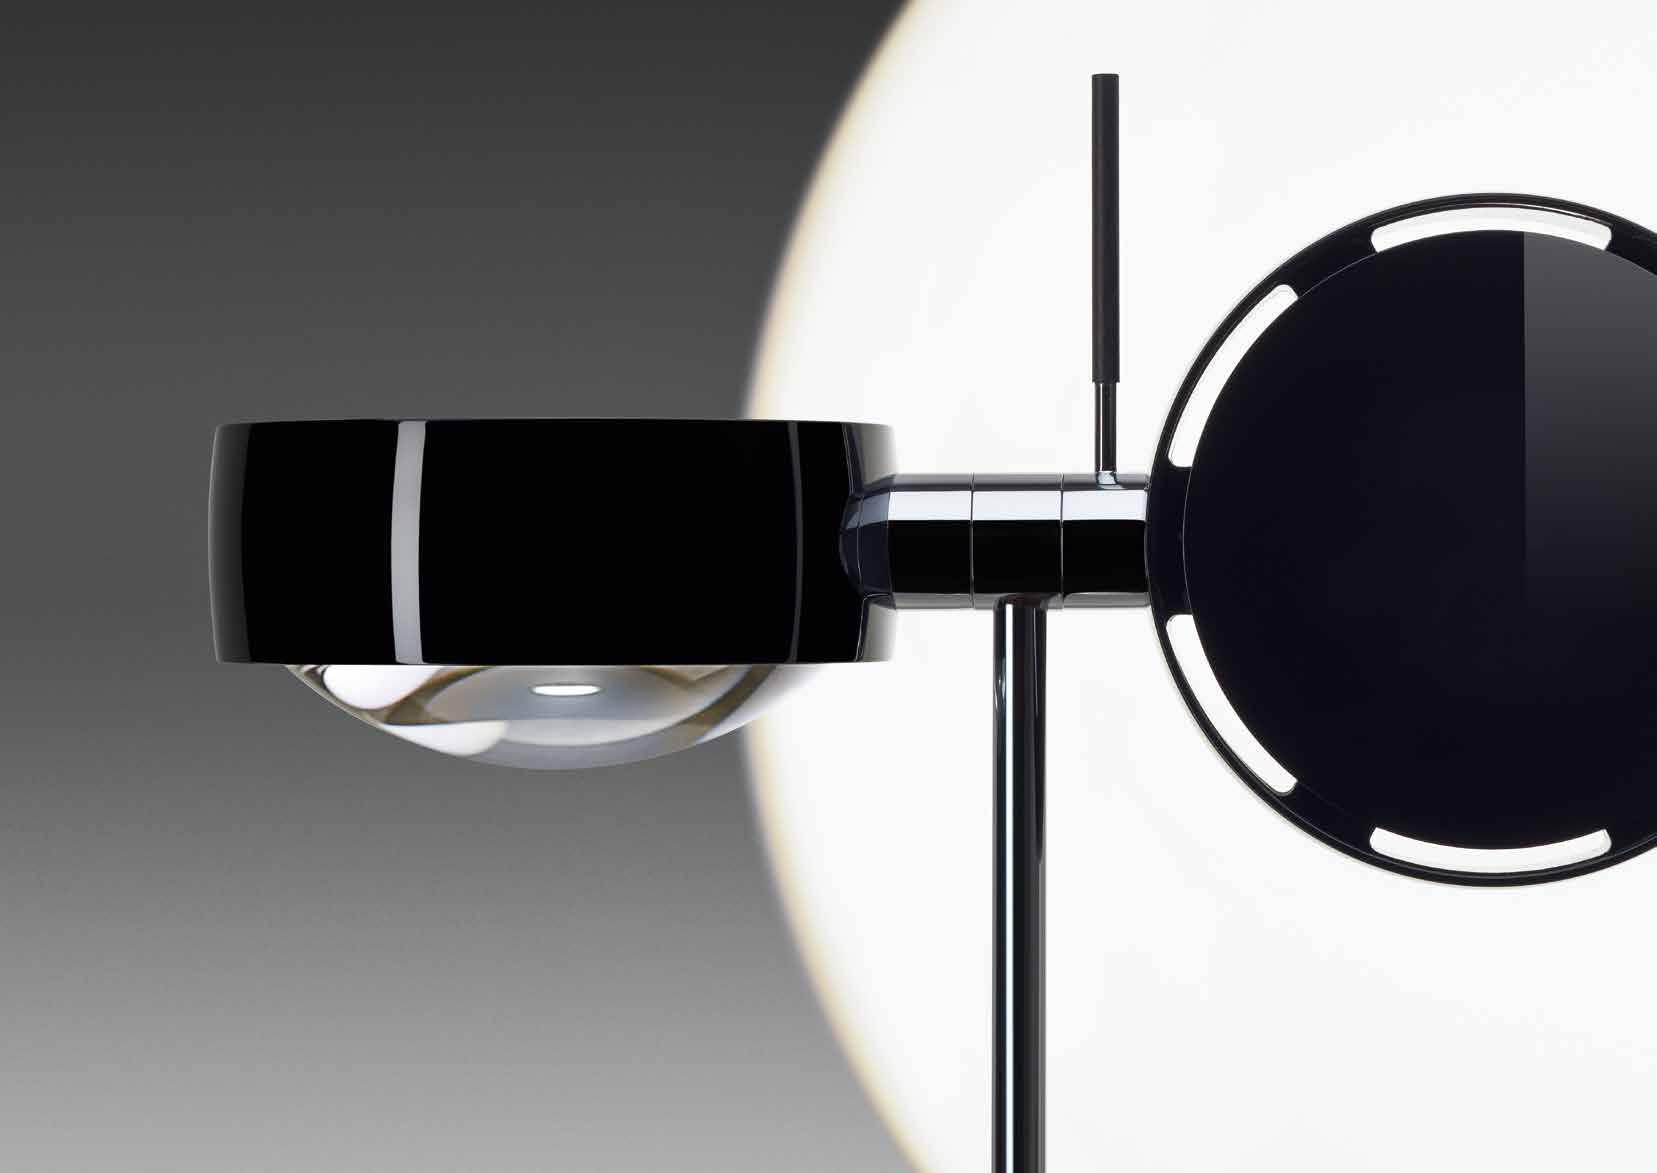 英国2015年度优秀照明设计产品:德国occhio公司模块化系列led灯具